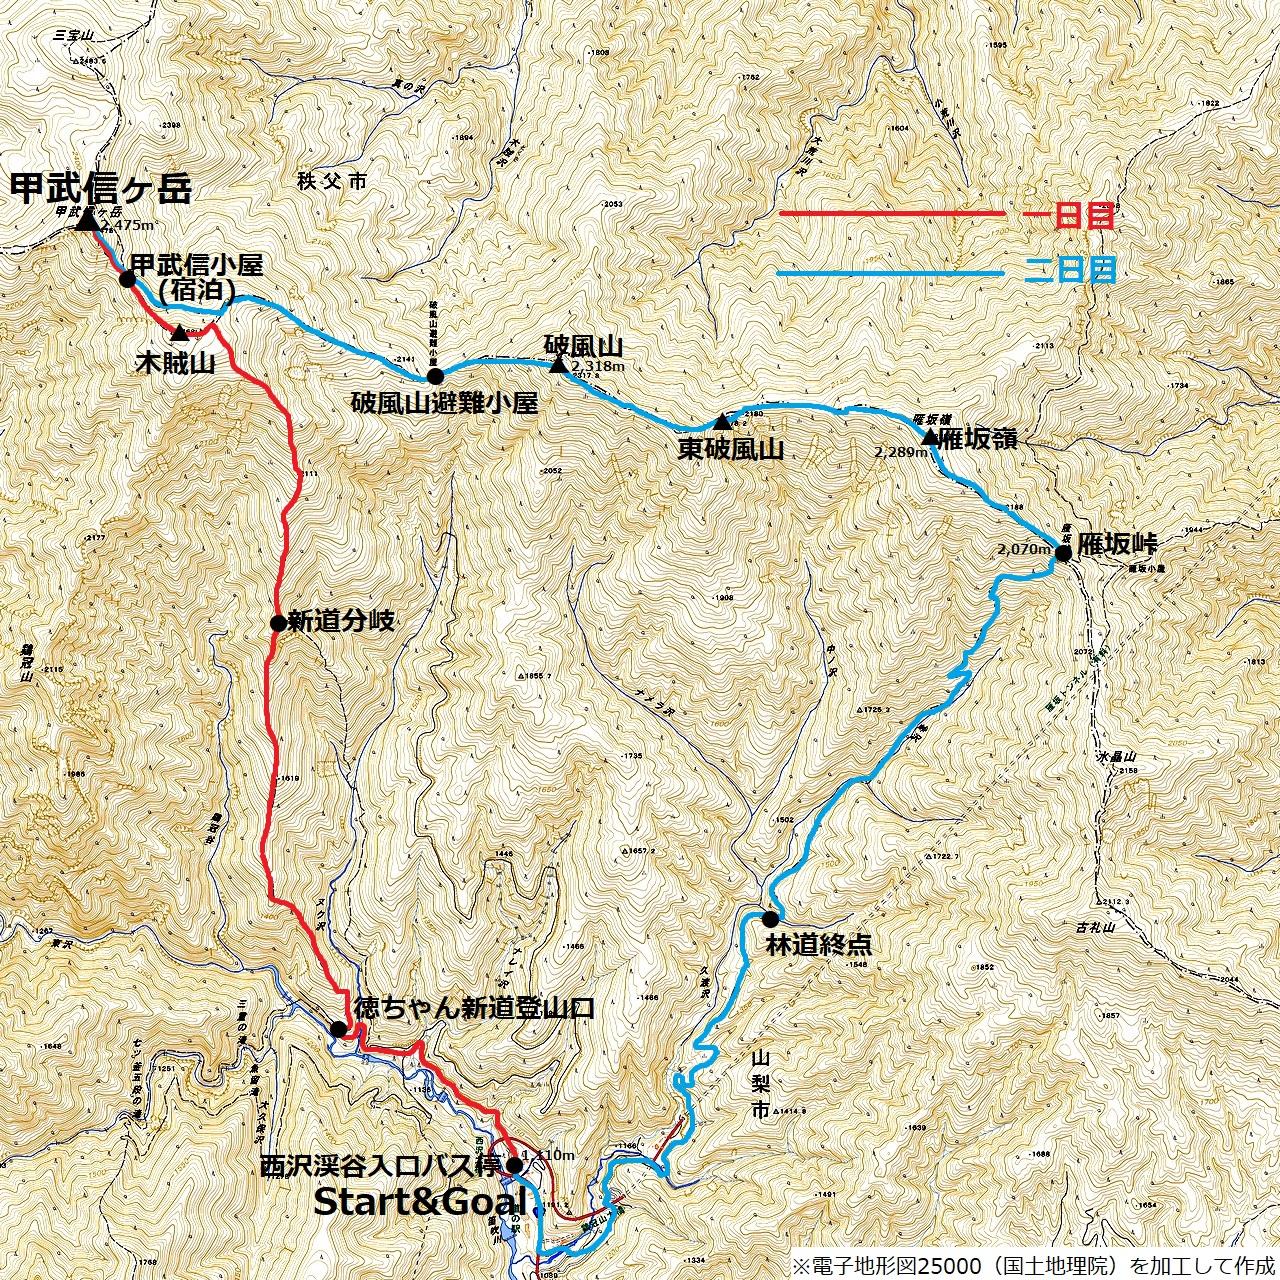 151131_map1